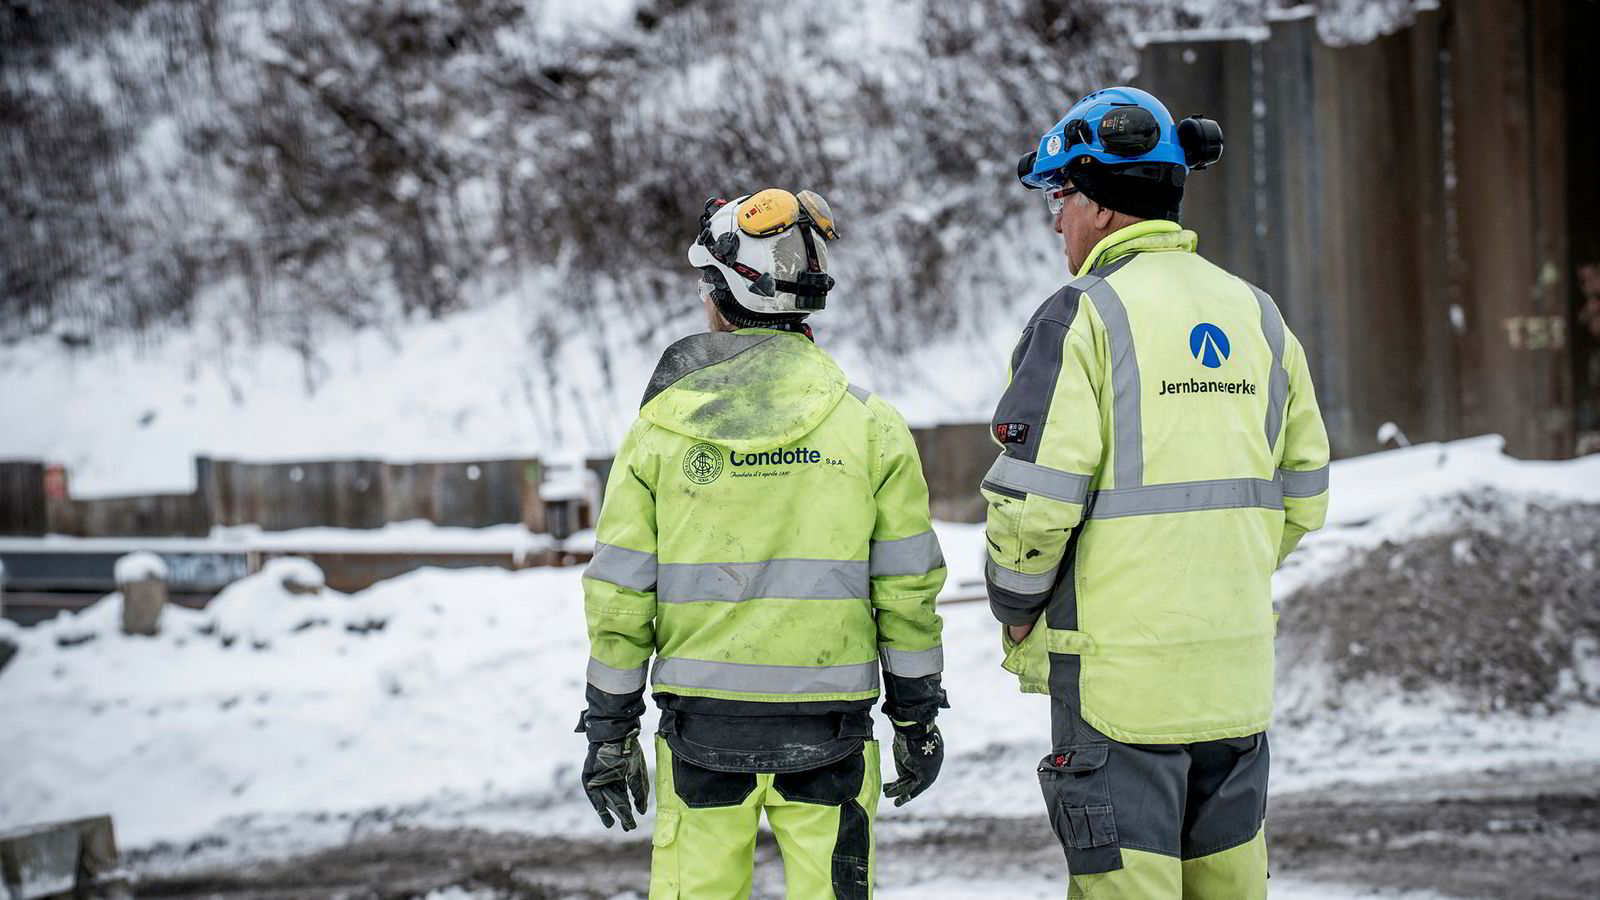 Bygningsarbeidere fra Condotte i sving på byggeplassen der Follobanen skal gå fra Oslo S inn under Ekebergåsen. Condotte fikk senere økonomiske problemer, noe som førte til at Bane NOR avsluttet avtalen.